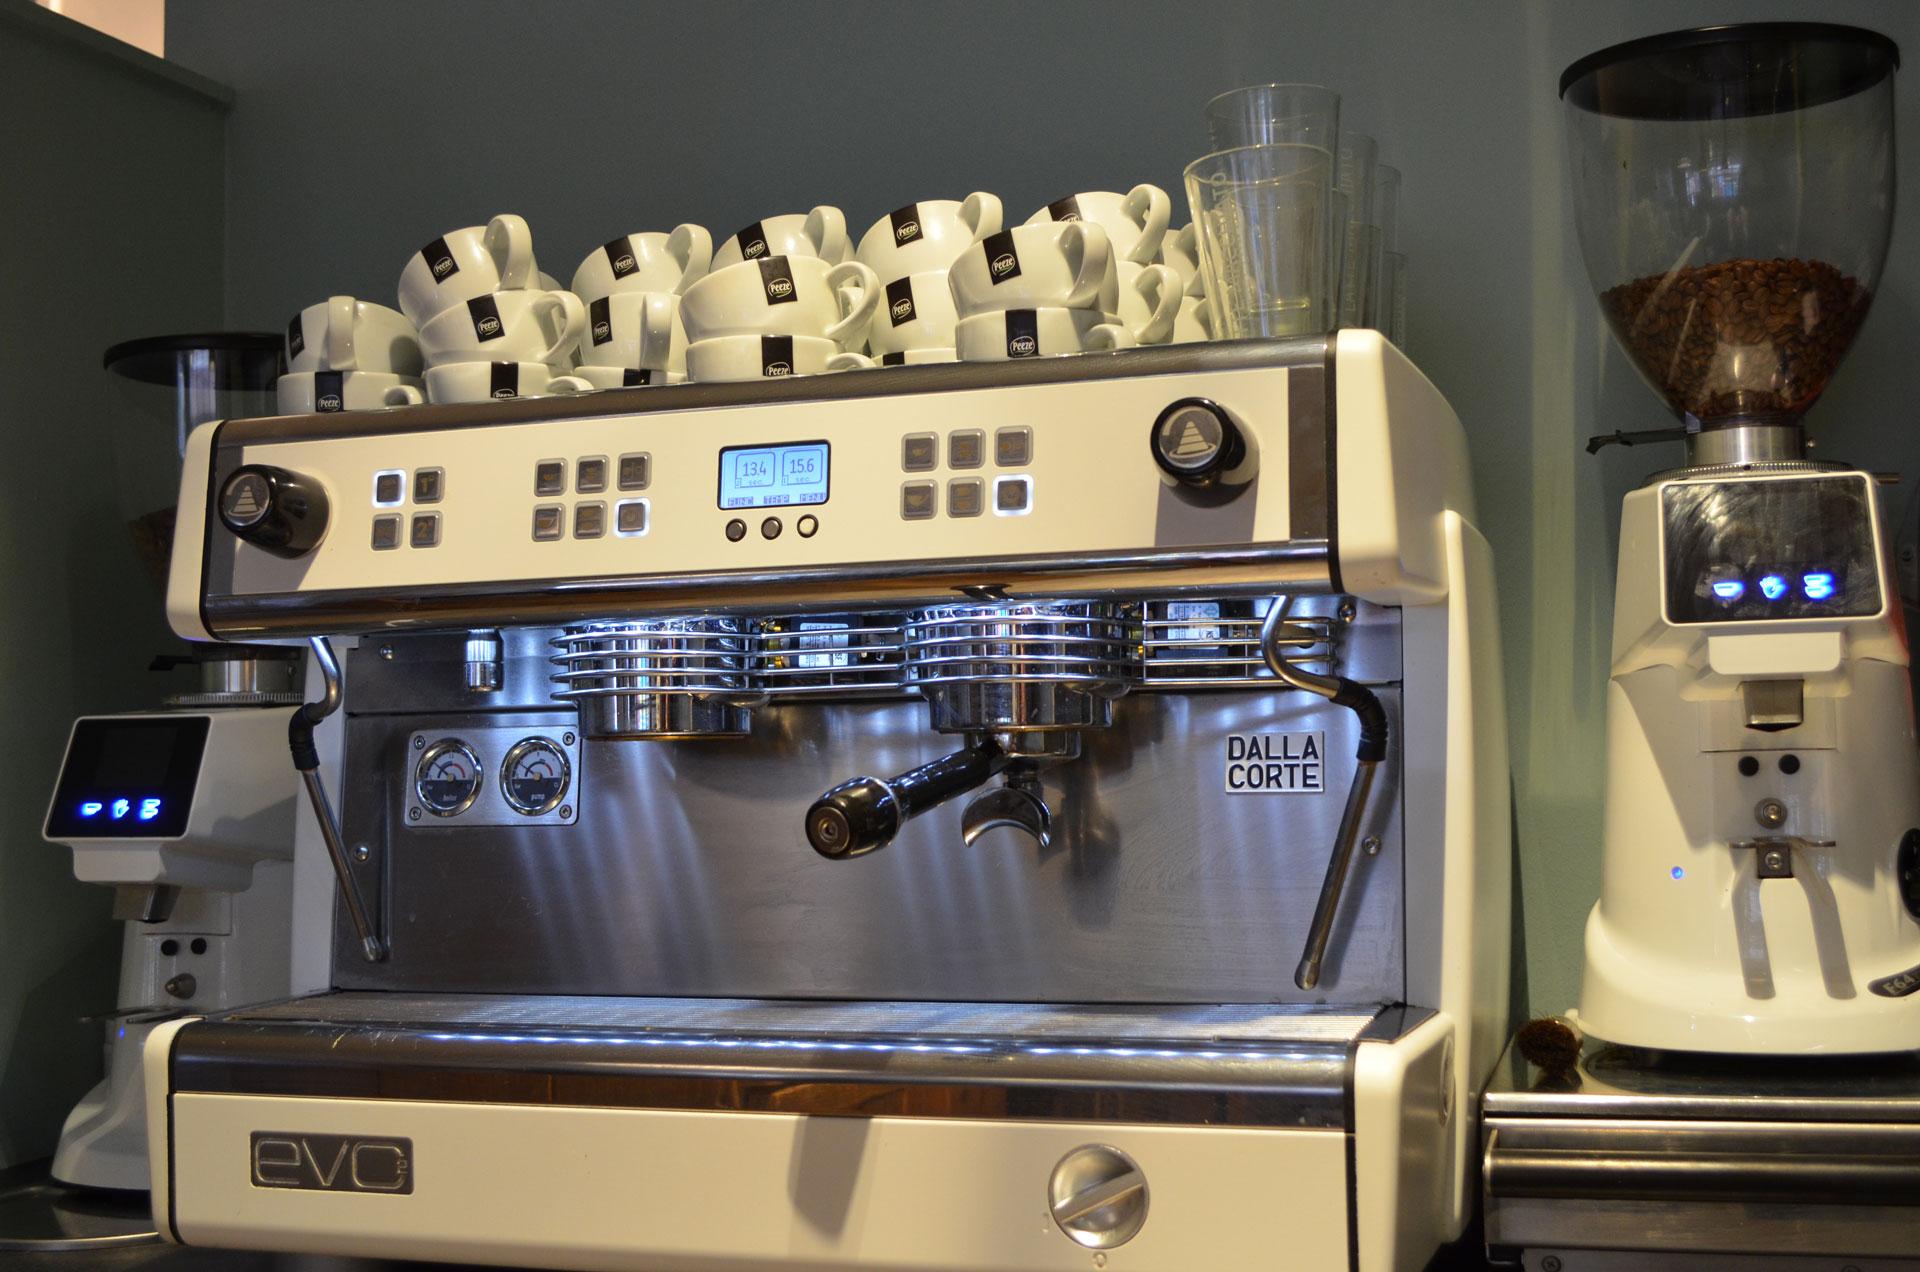 We hebben (enter) 27 soorten koffie!